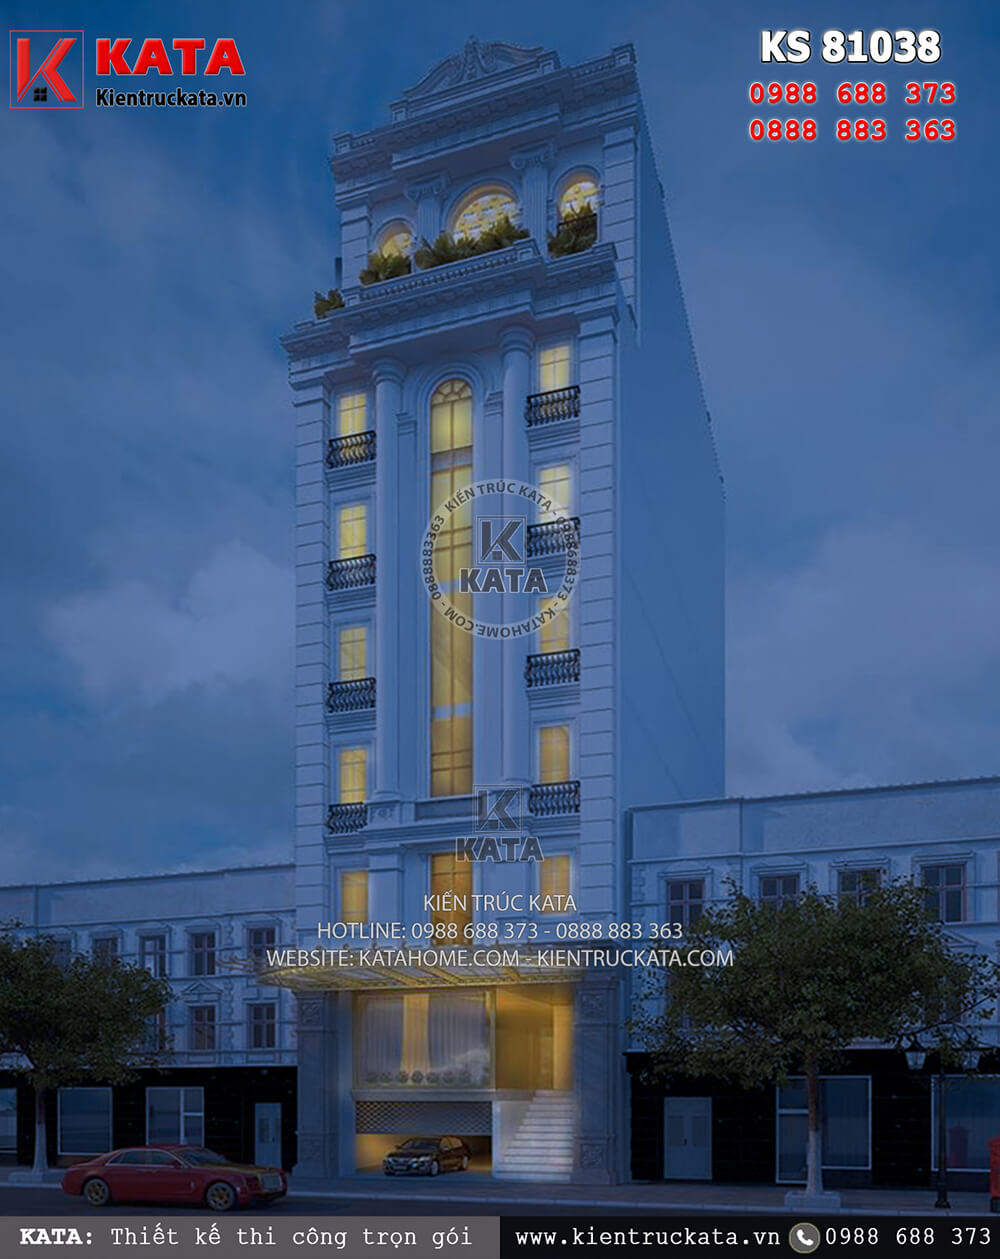 Khách sạn 3 sao đẹp mặt tiền 8m tại Quảng Ninh lung linh về đêm